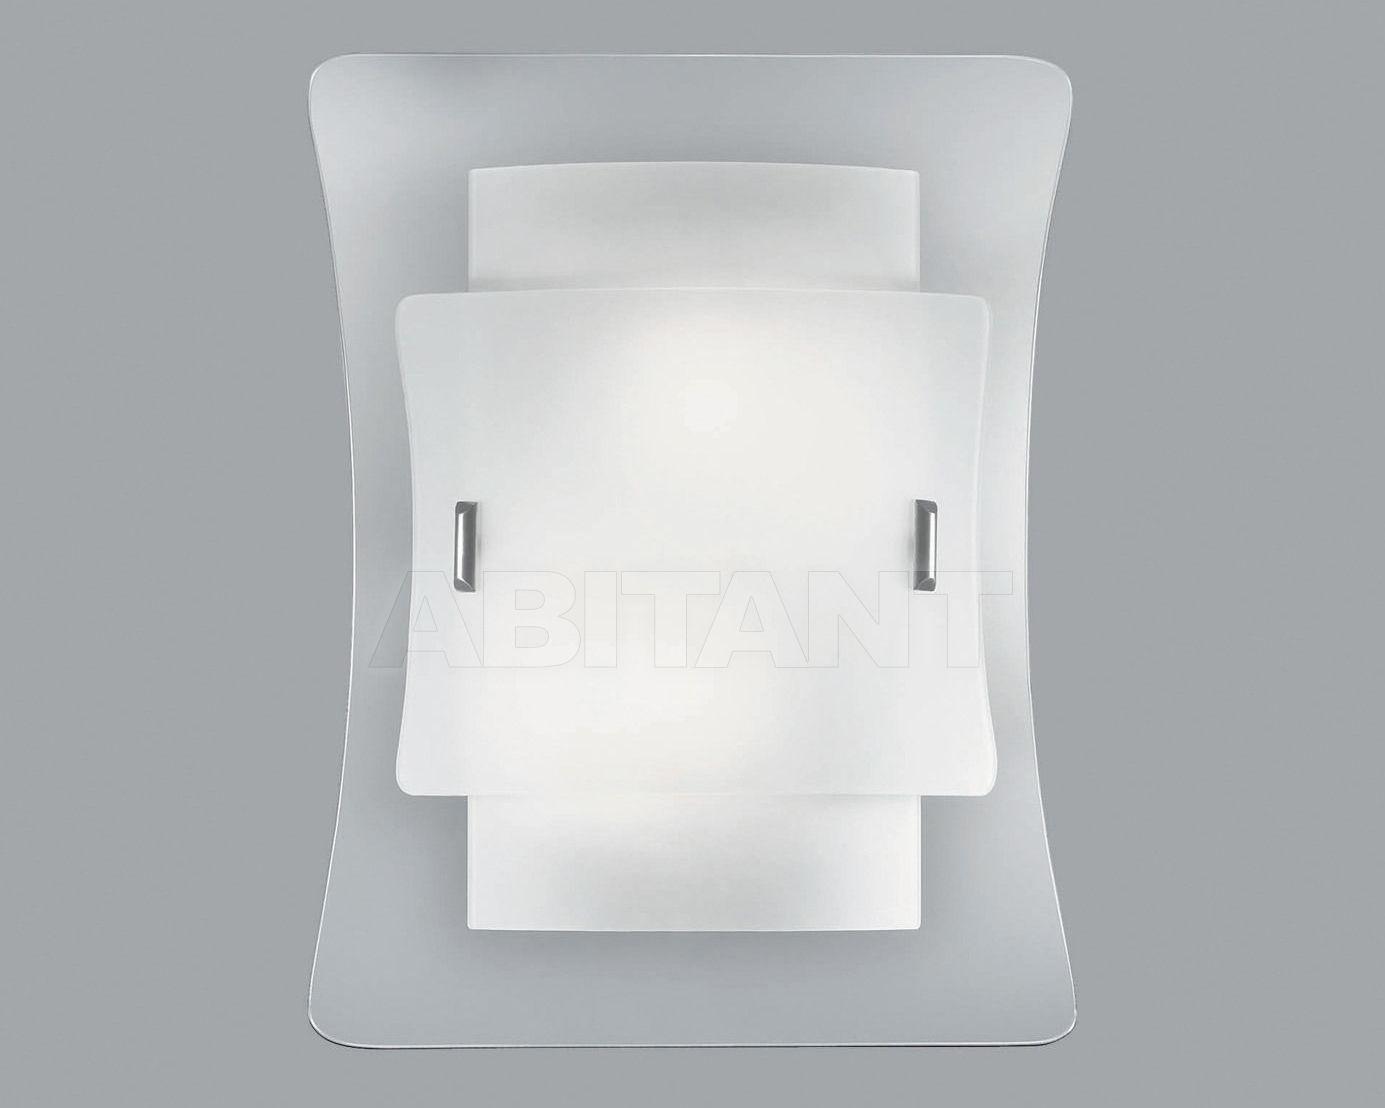 Купить Светильник настенный Ideal Lux 2013-2014 TRIPLO AP2